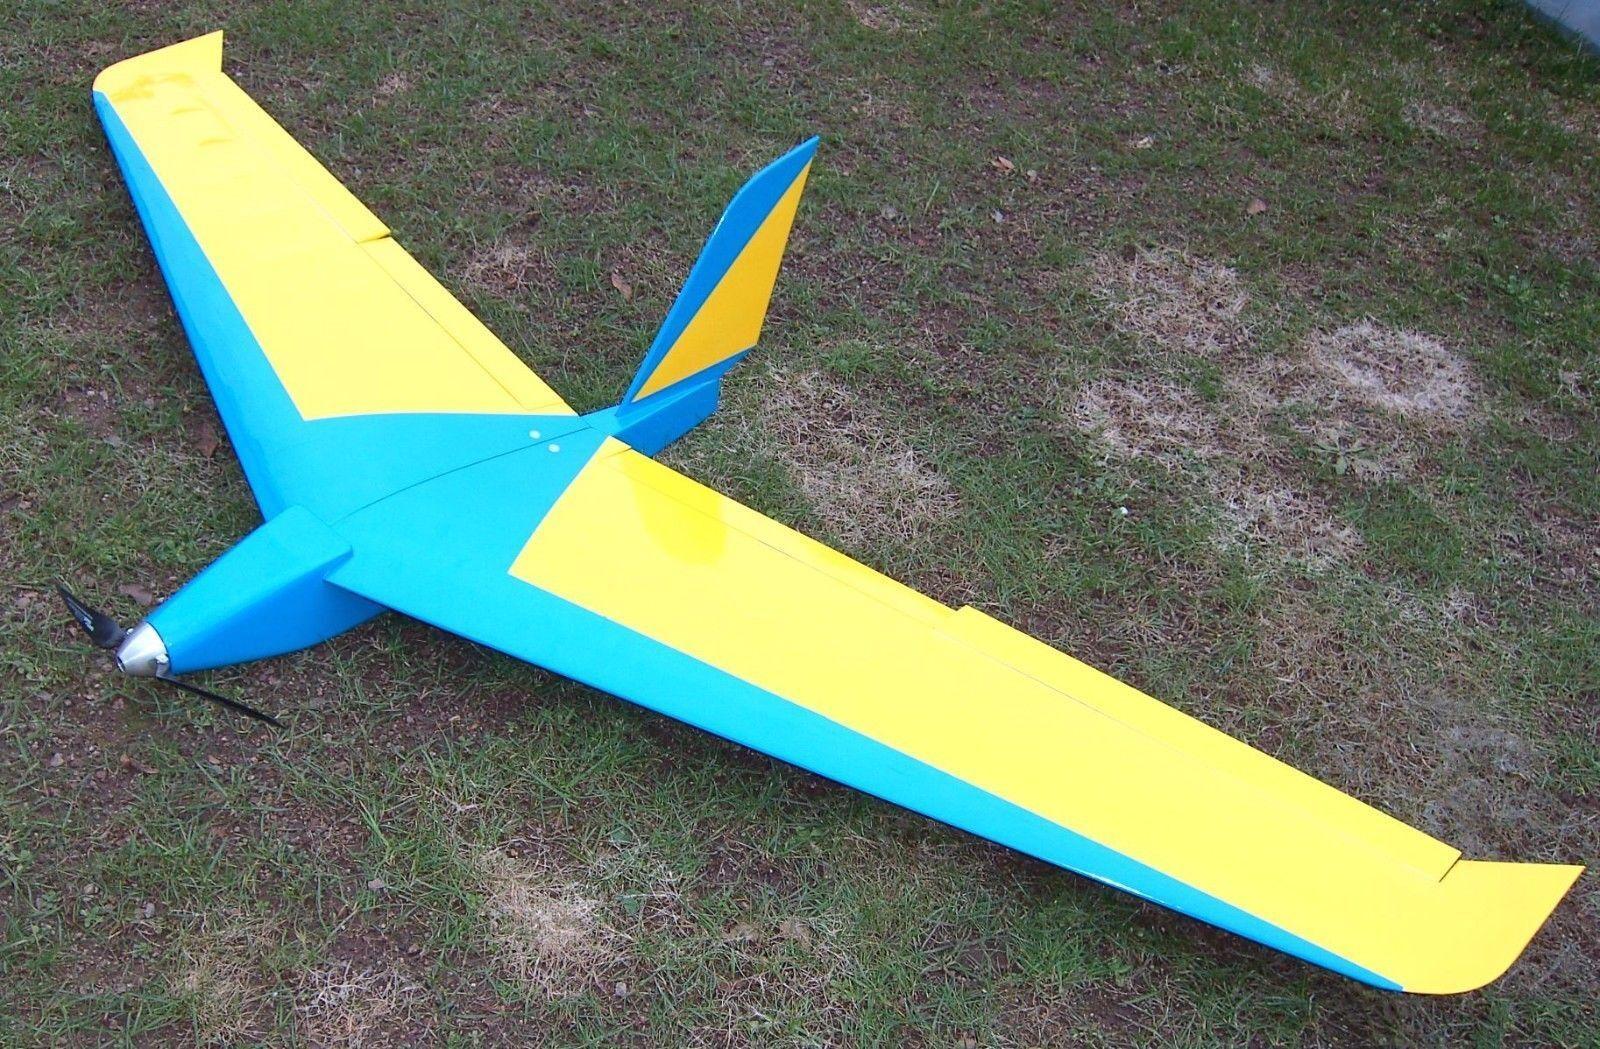 10 Osterangebot Nurflügler Baukasten 190 Cm Harlekin Nzvpvk4672